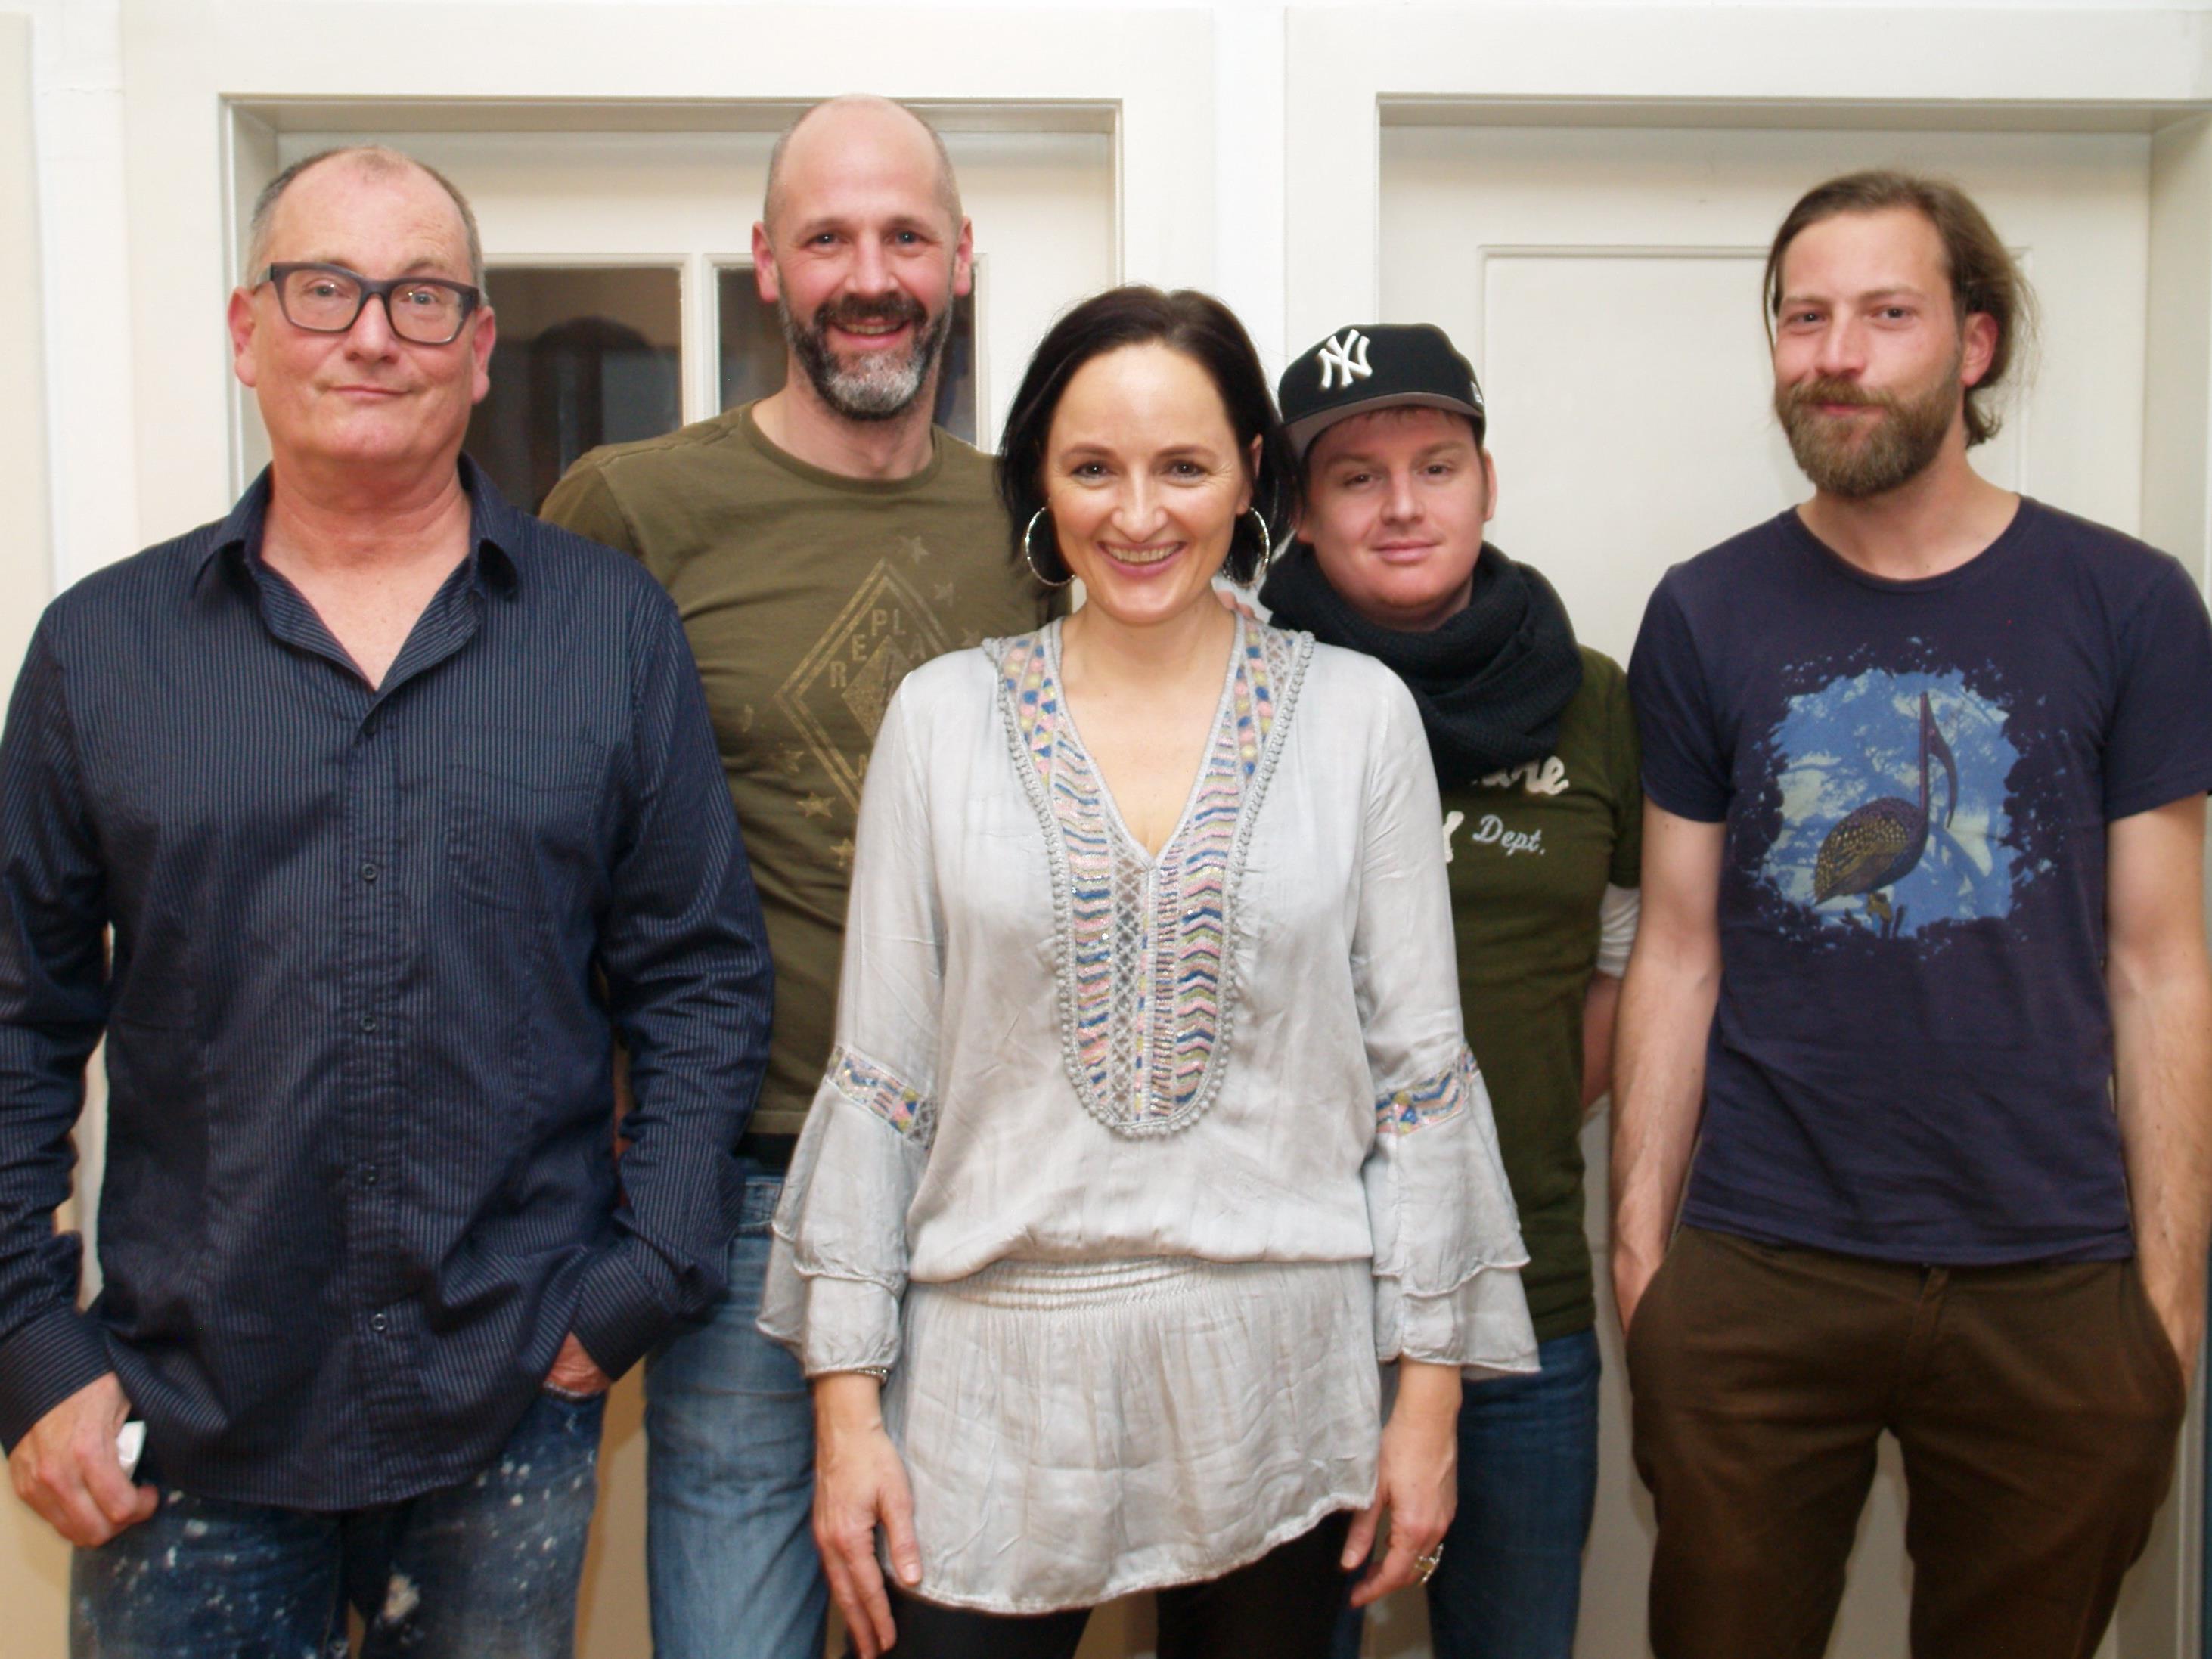 Aja Eberle - Zischg gastierte am Wochenende mit ihrer Soulgroup im Alten Kino.